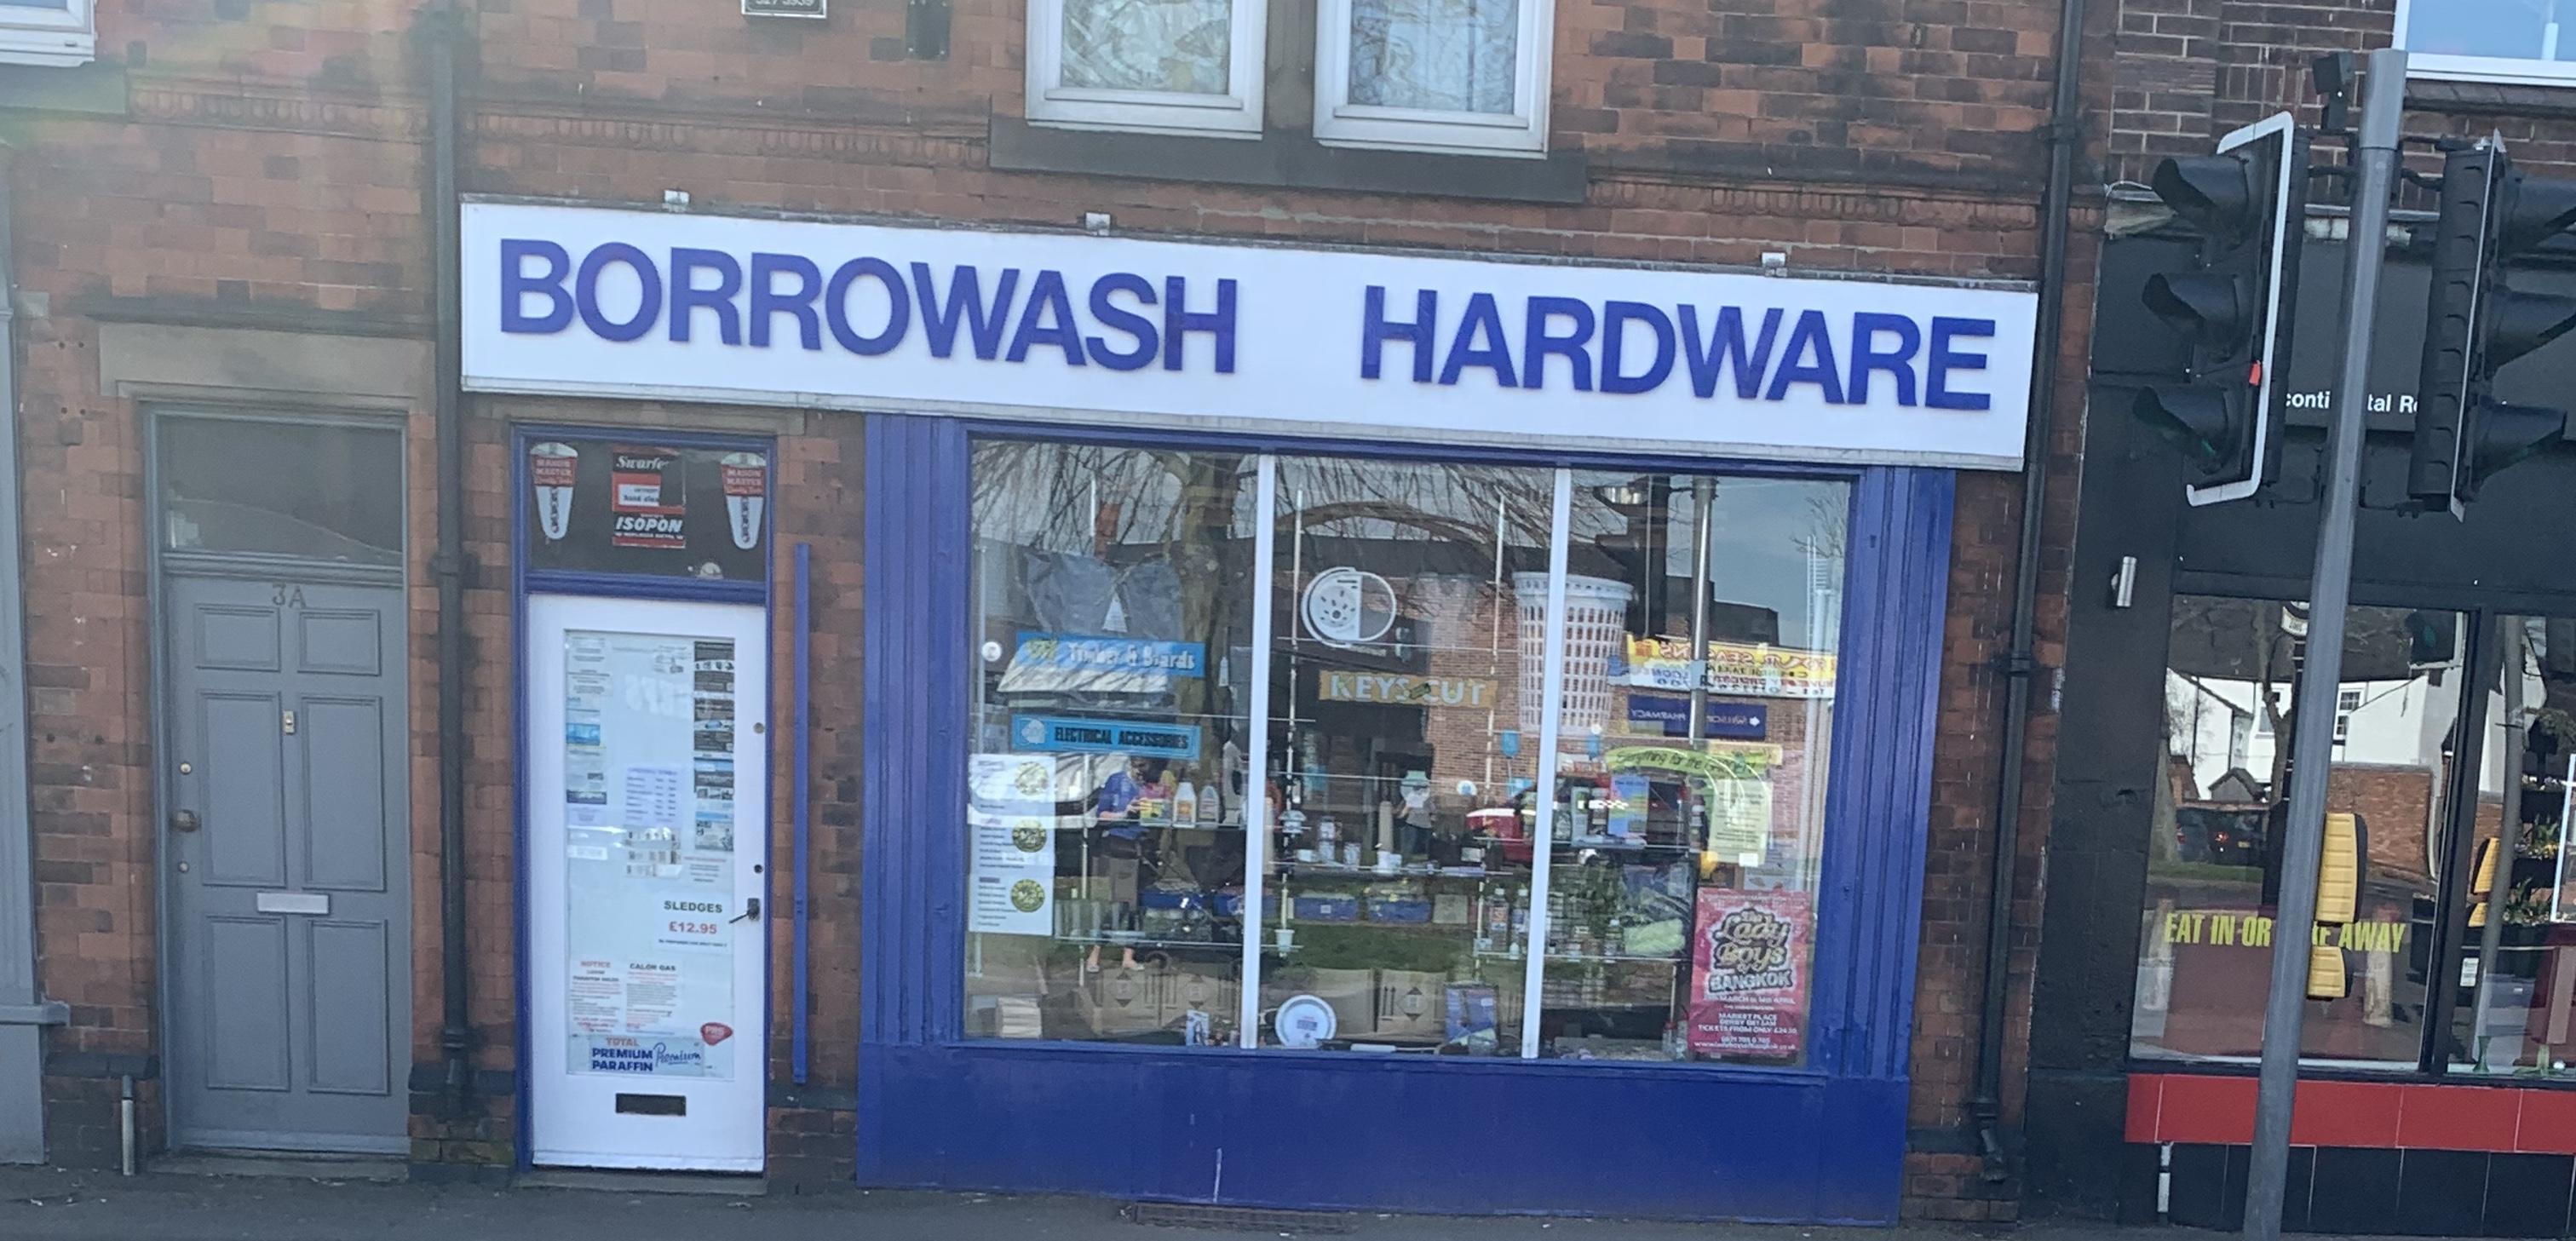 borrowash hardware.jpg